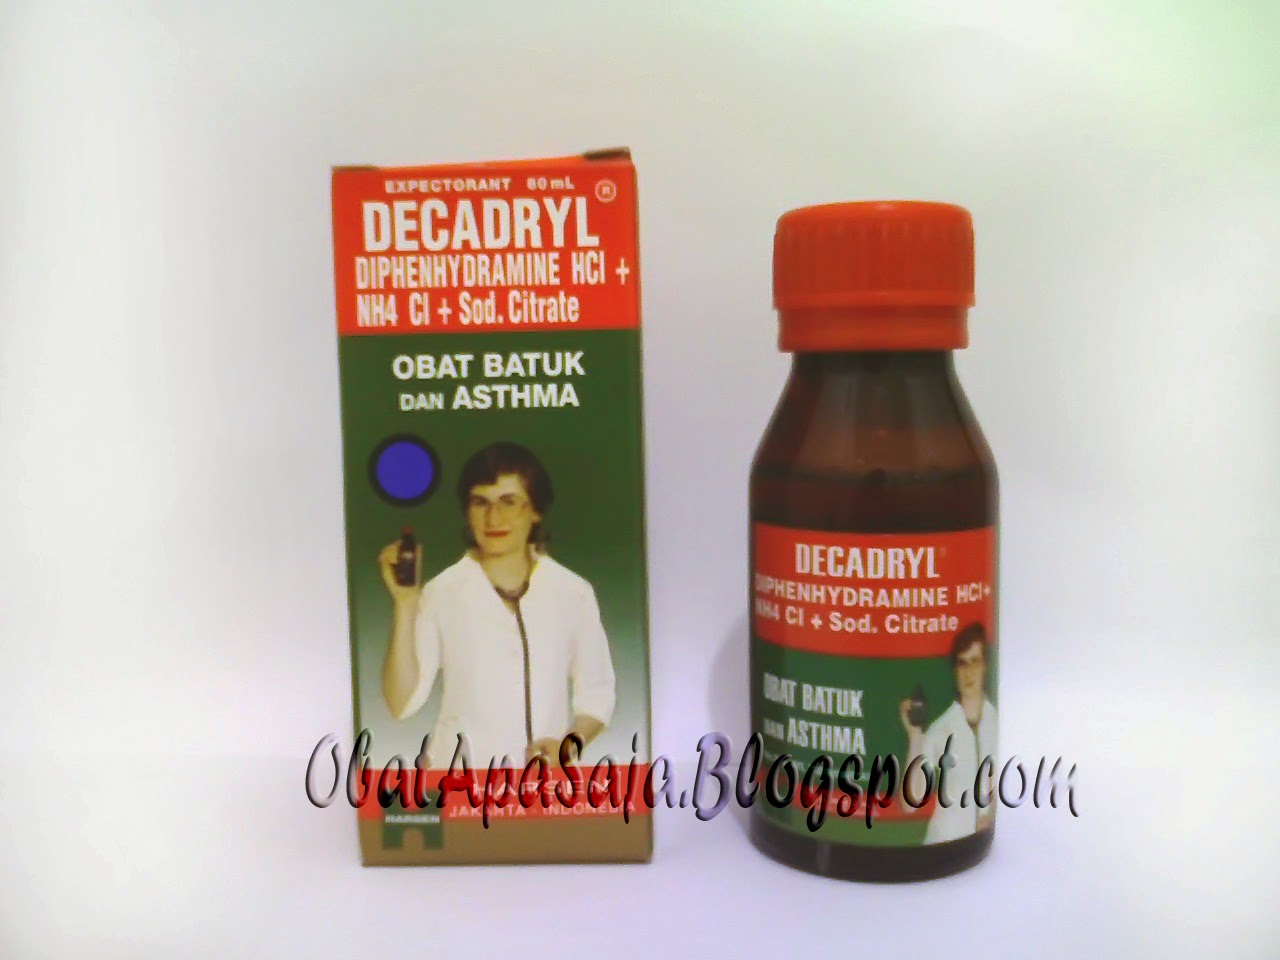 Decadryl obat batuk dan asma